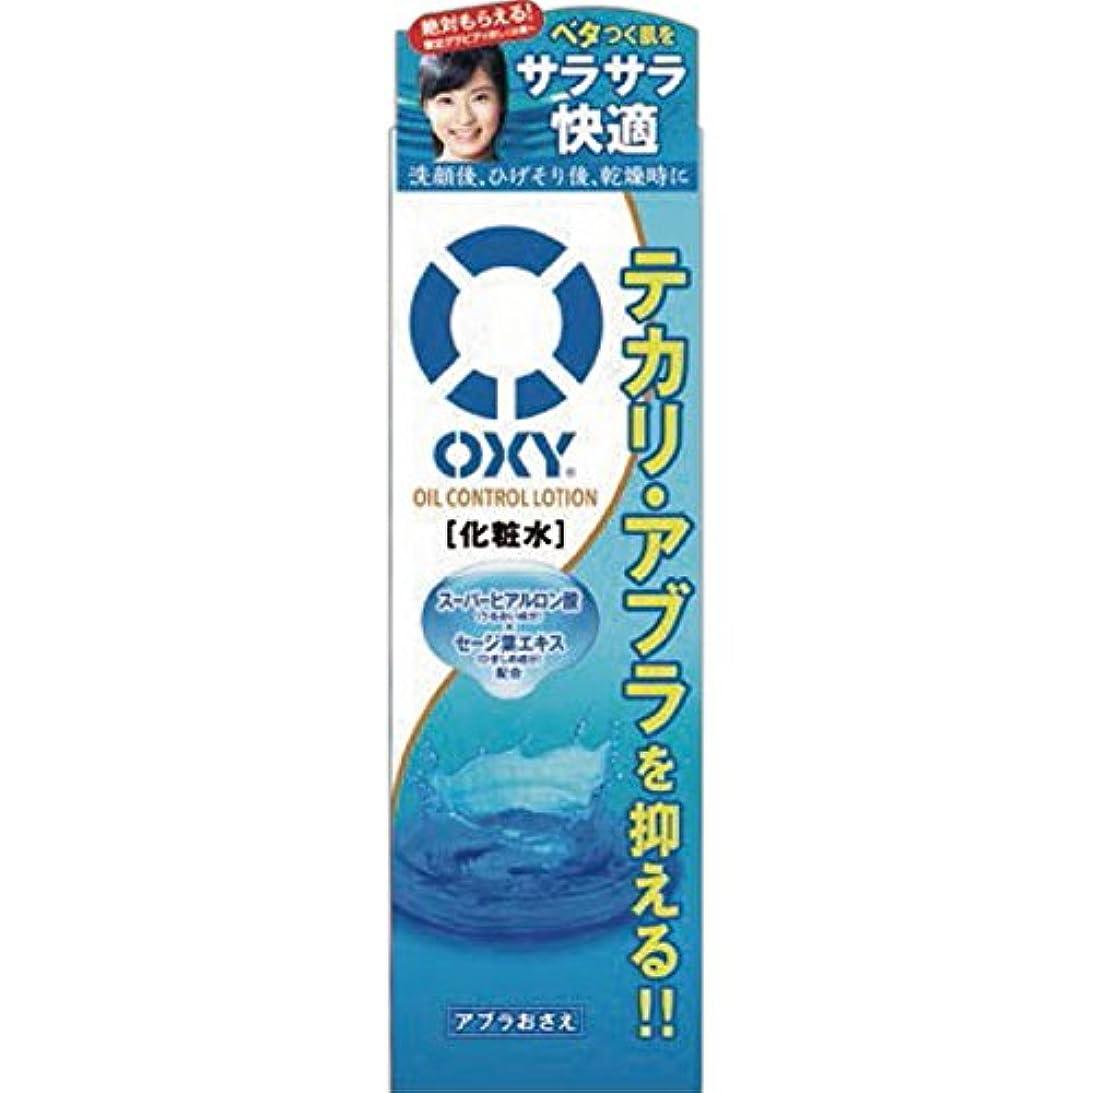 勤勉なプランターガムオキシー (Oxy) オイルコントロールローション スーパーヒアルロン酸×セージ葉エキス配合 ゼラニウムの香 170mL